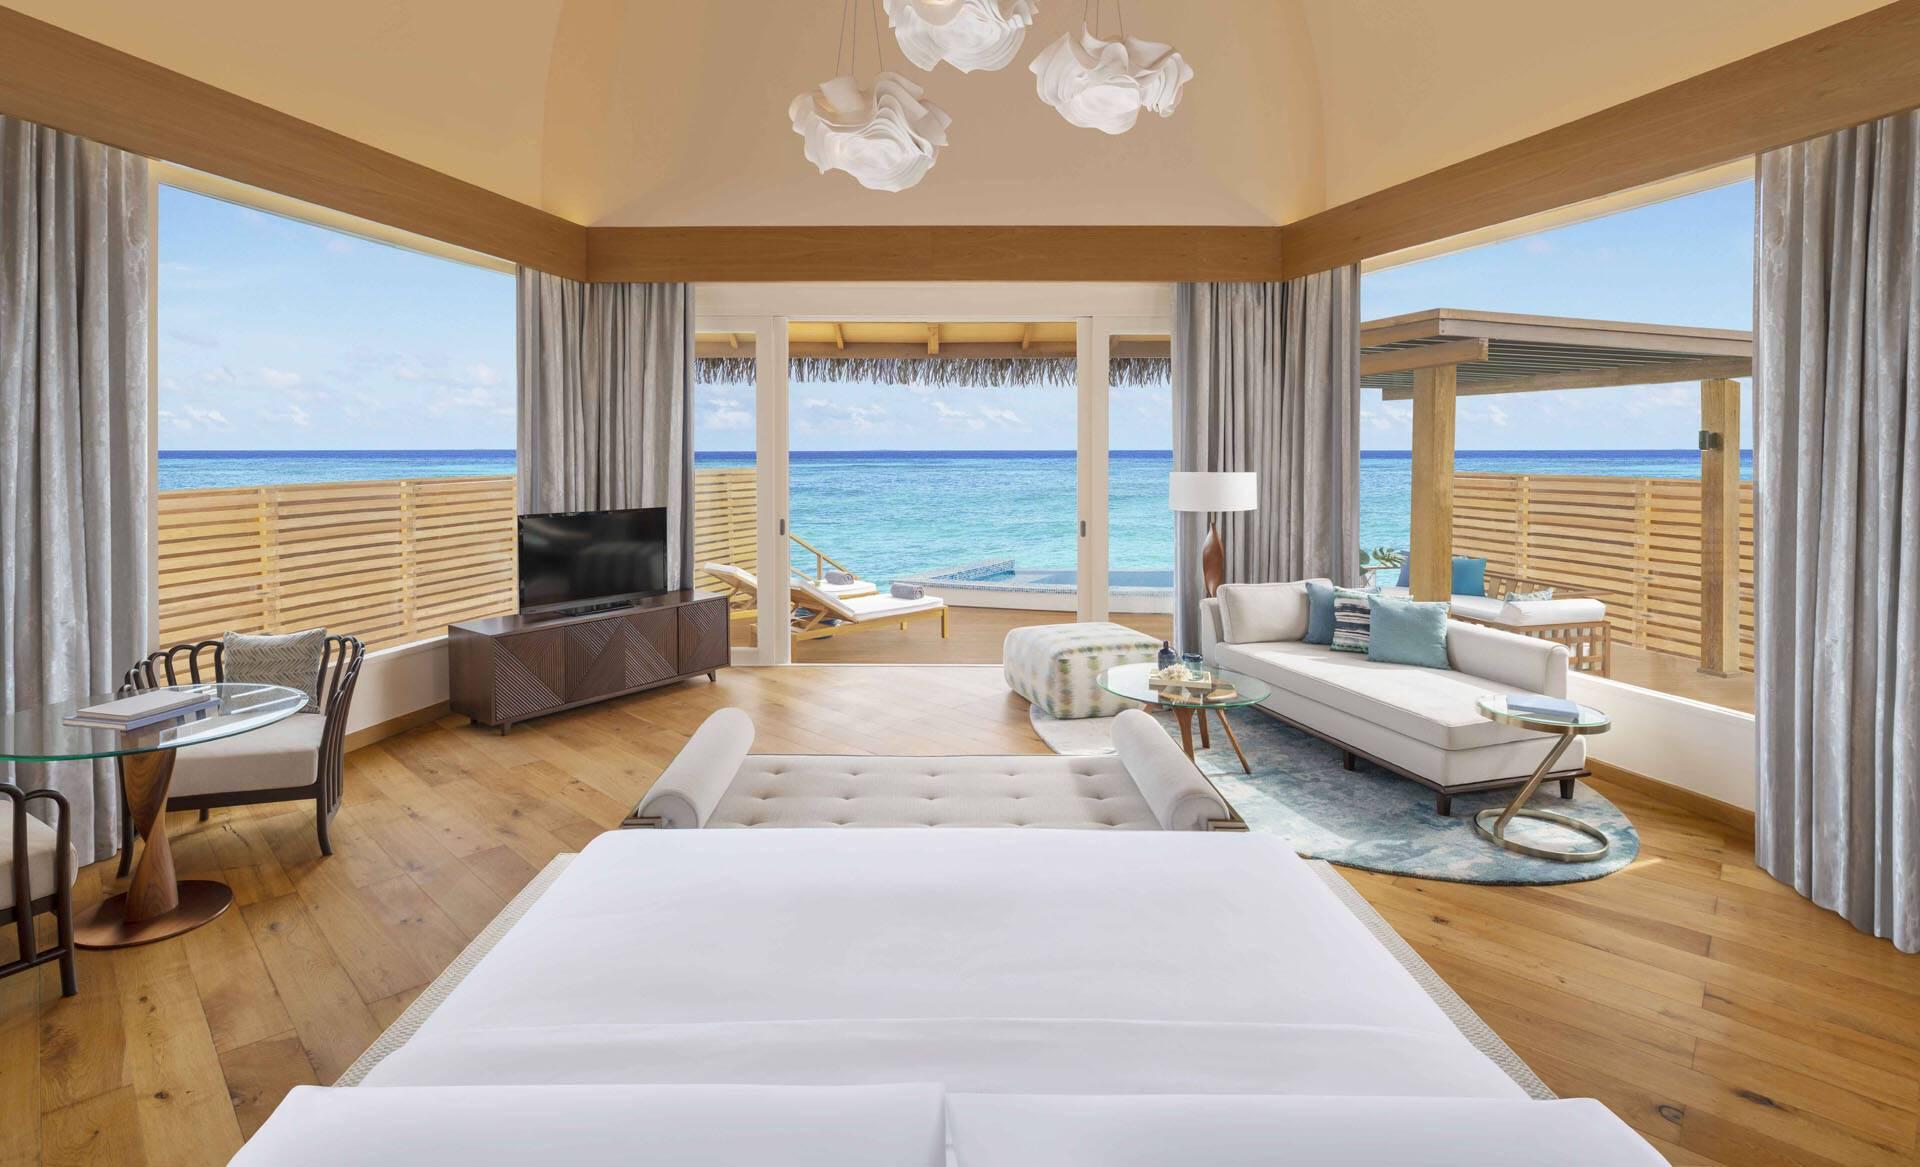 JW Marriott Maldives OverwaterPoolVillaSunset